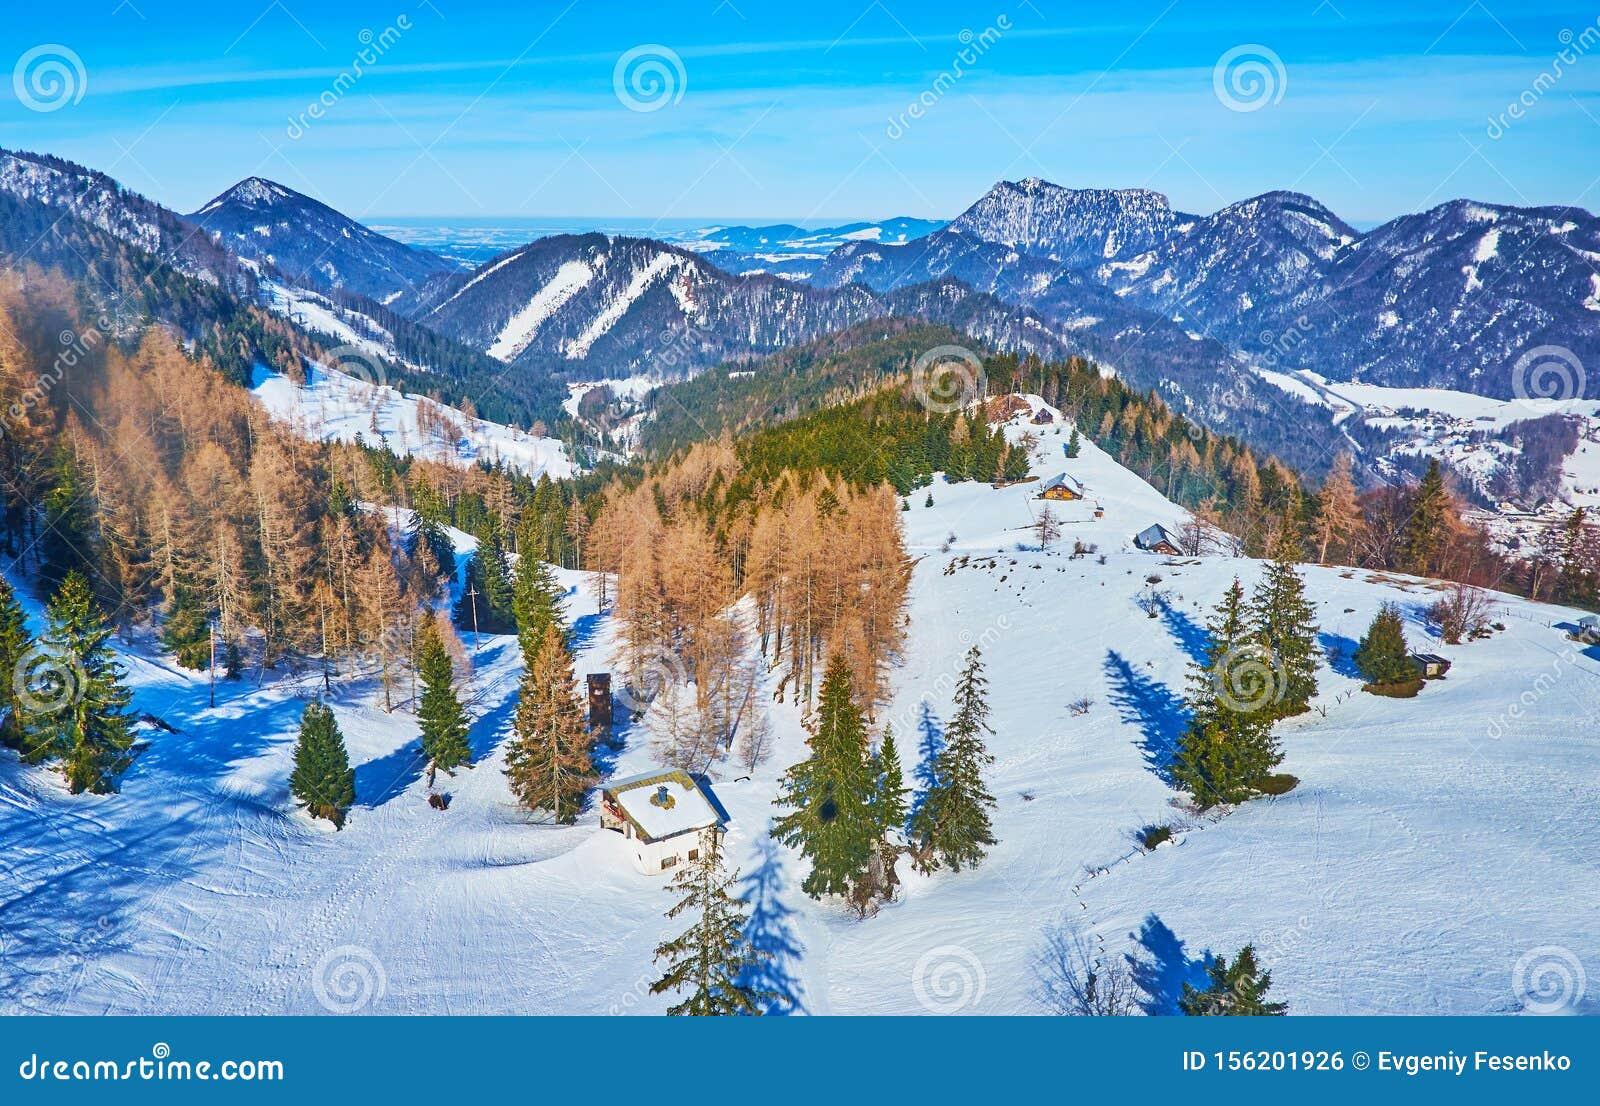 The winter landscape from Zwolferhorn cable car, St Gilgen, Salzkammergut, Austria